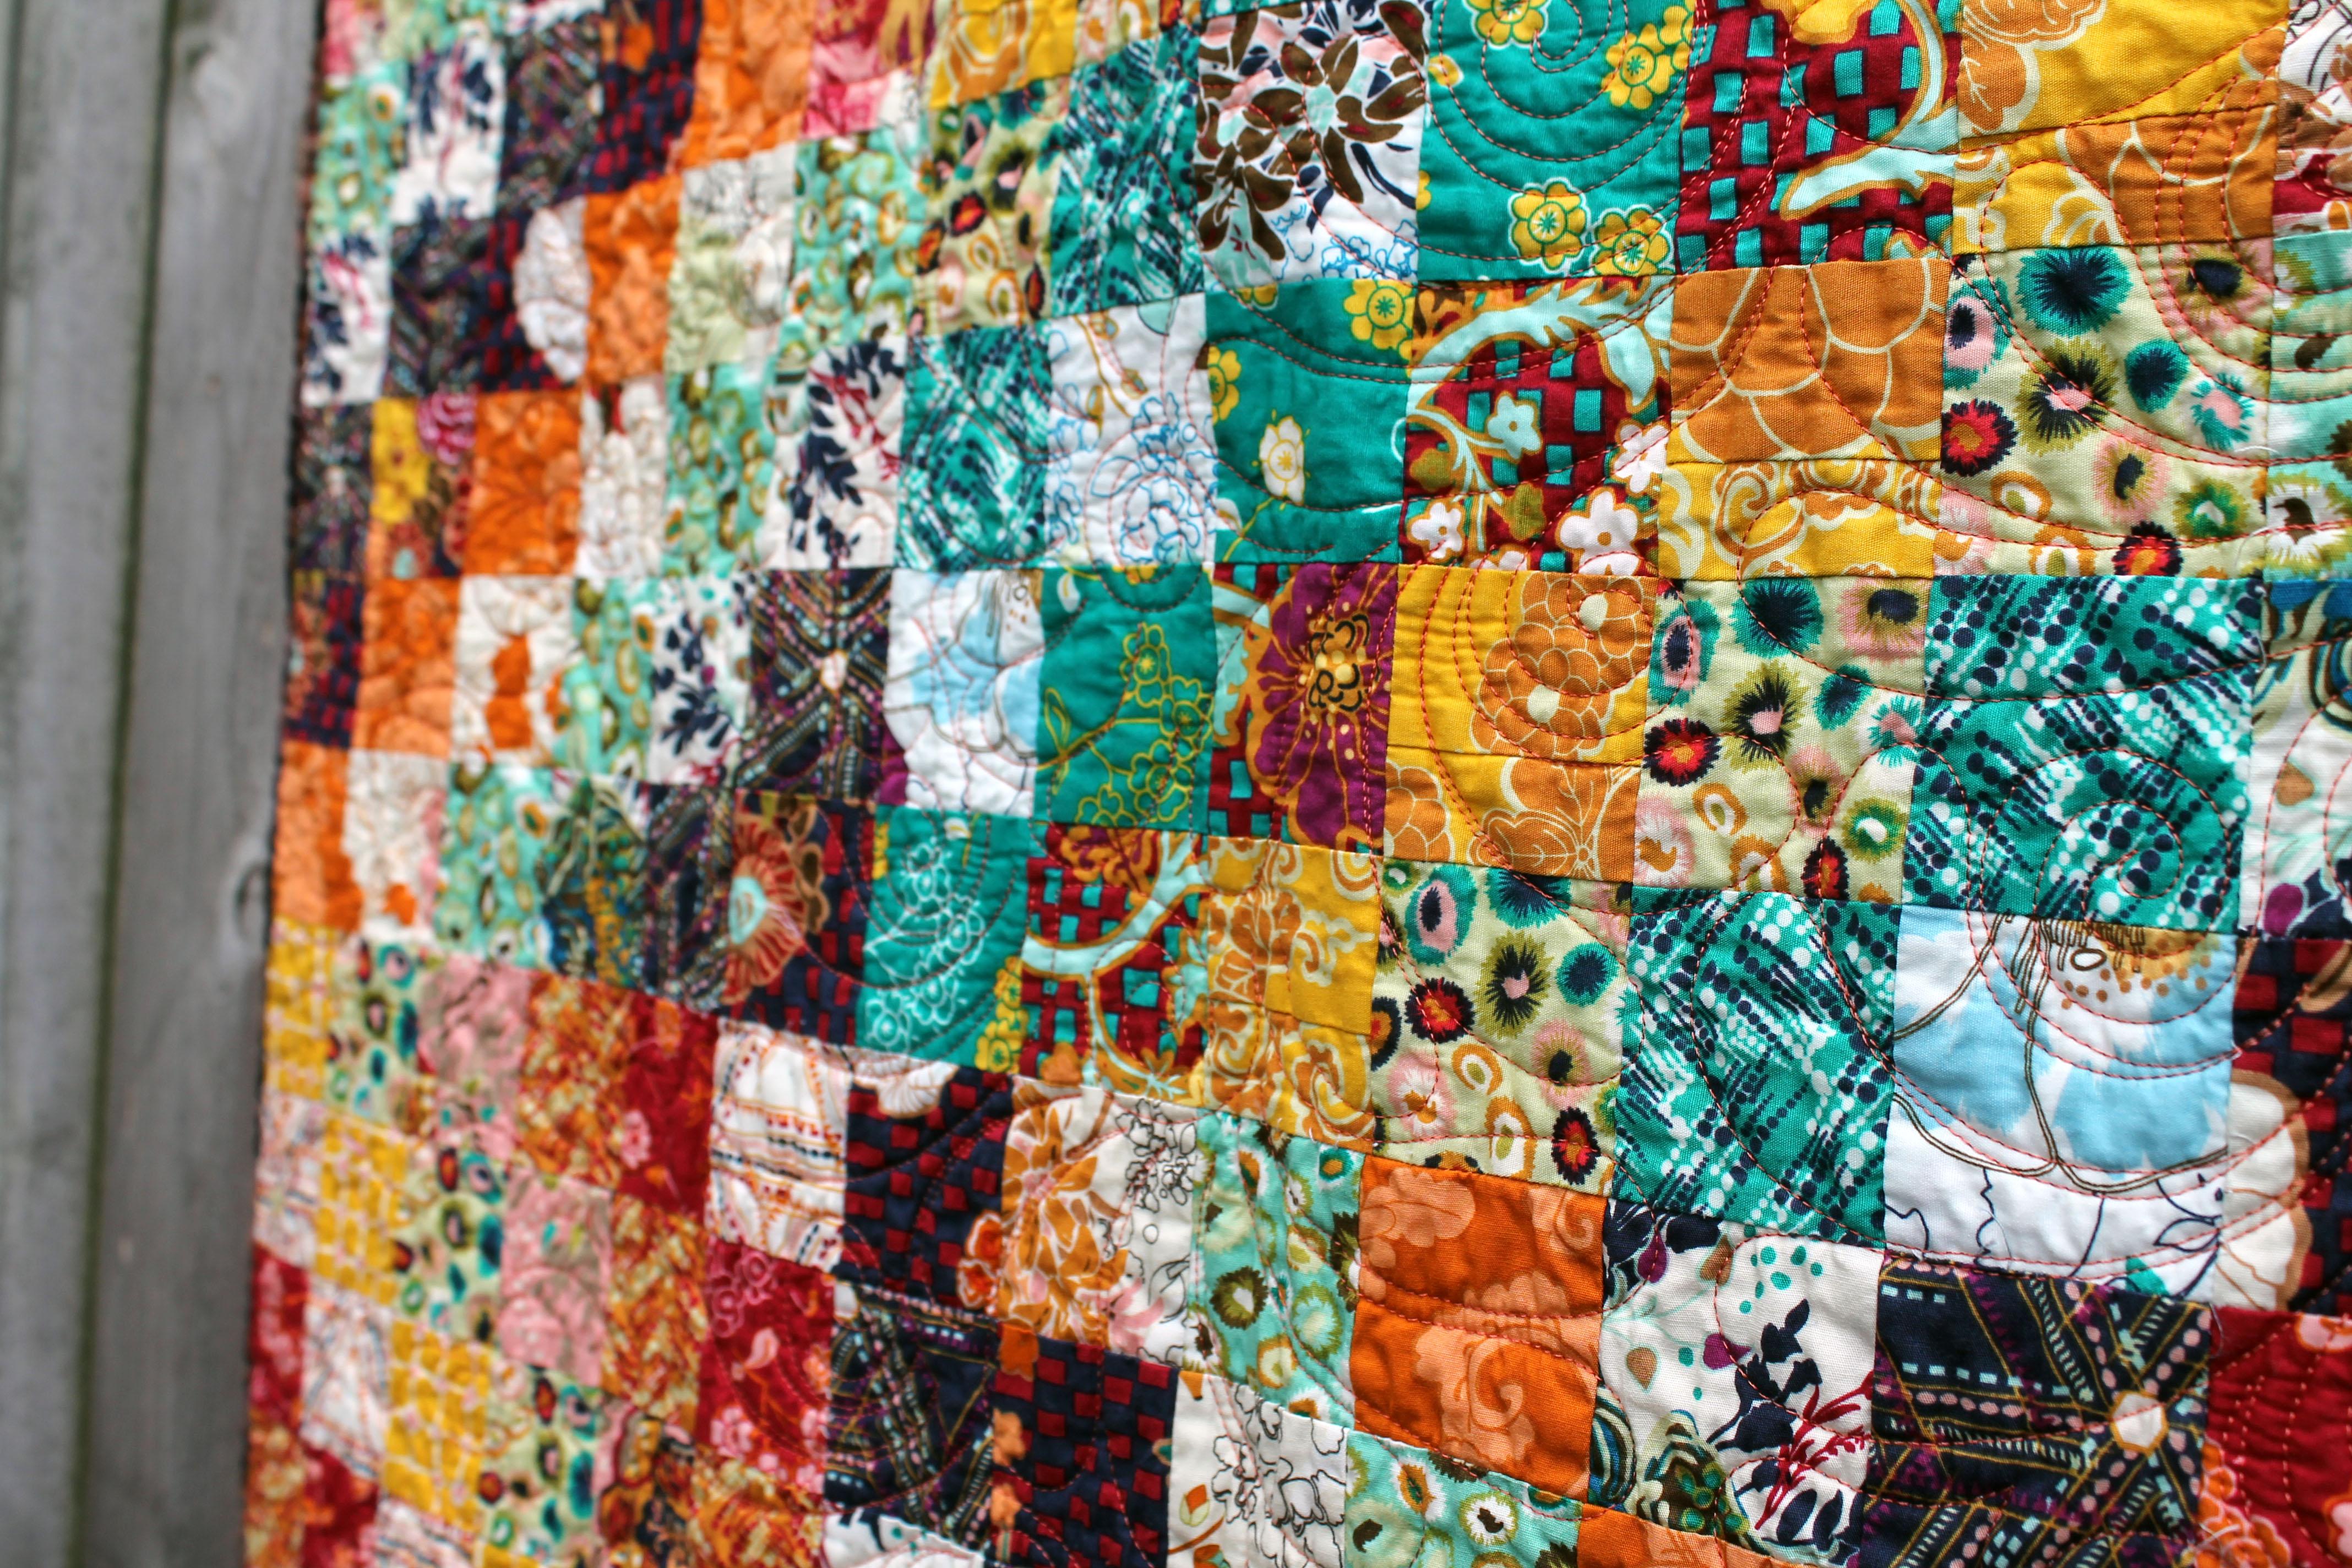 trip around quilt detail 3